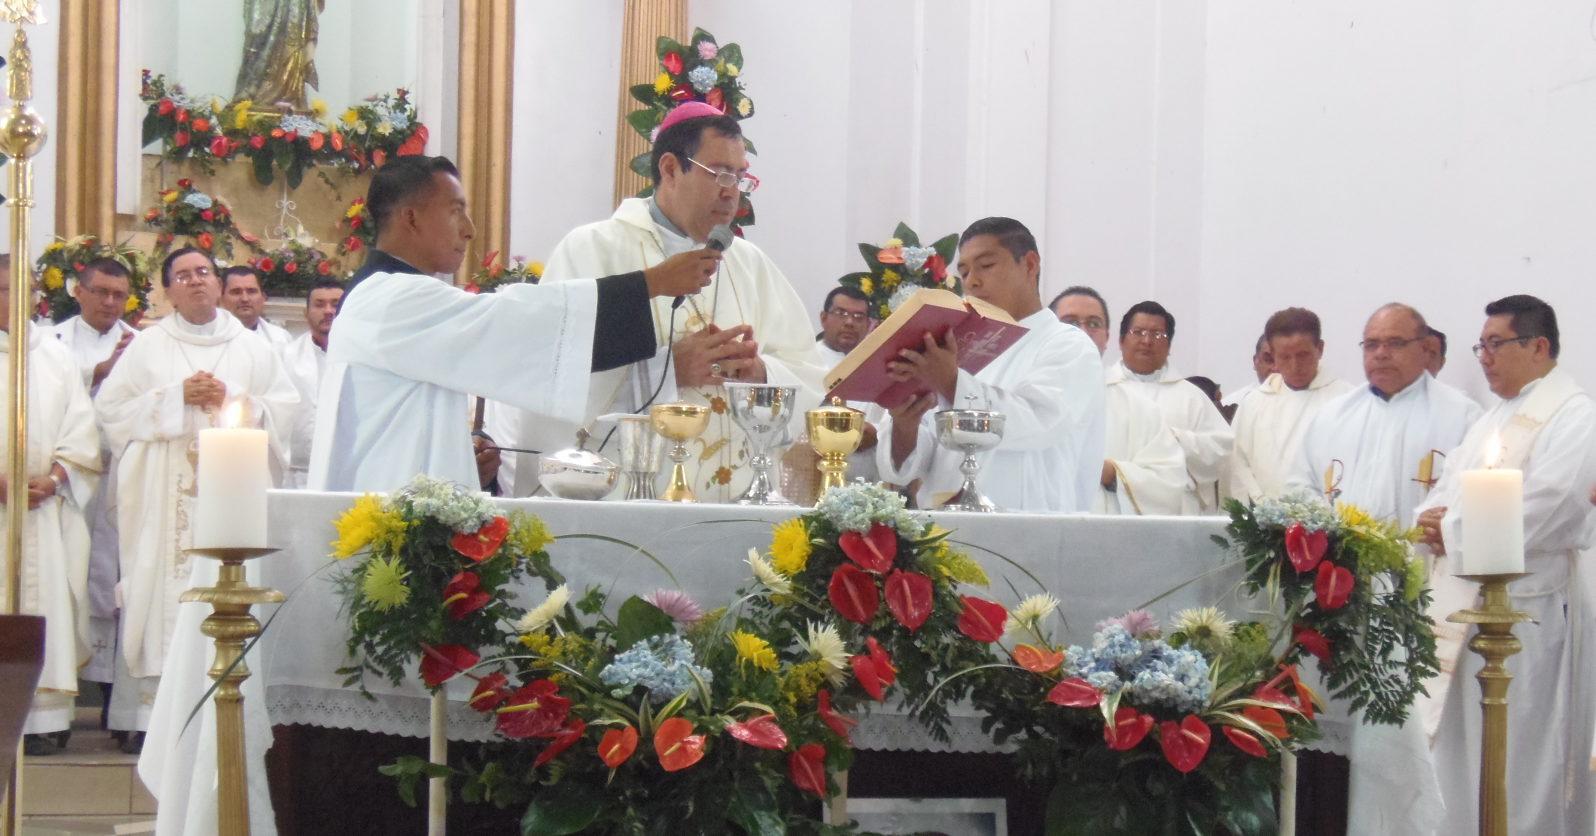 Finalizan fiestas patronales en la ciudad de Sonsonate